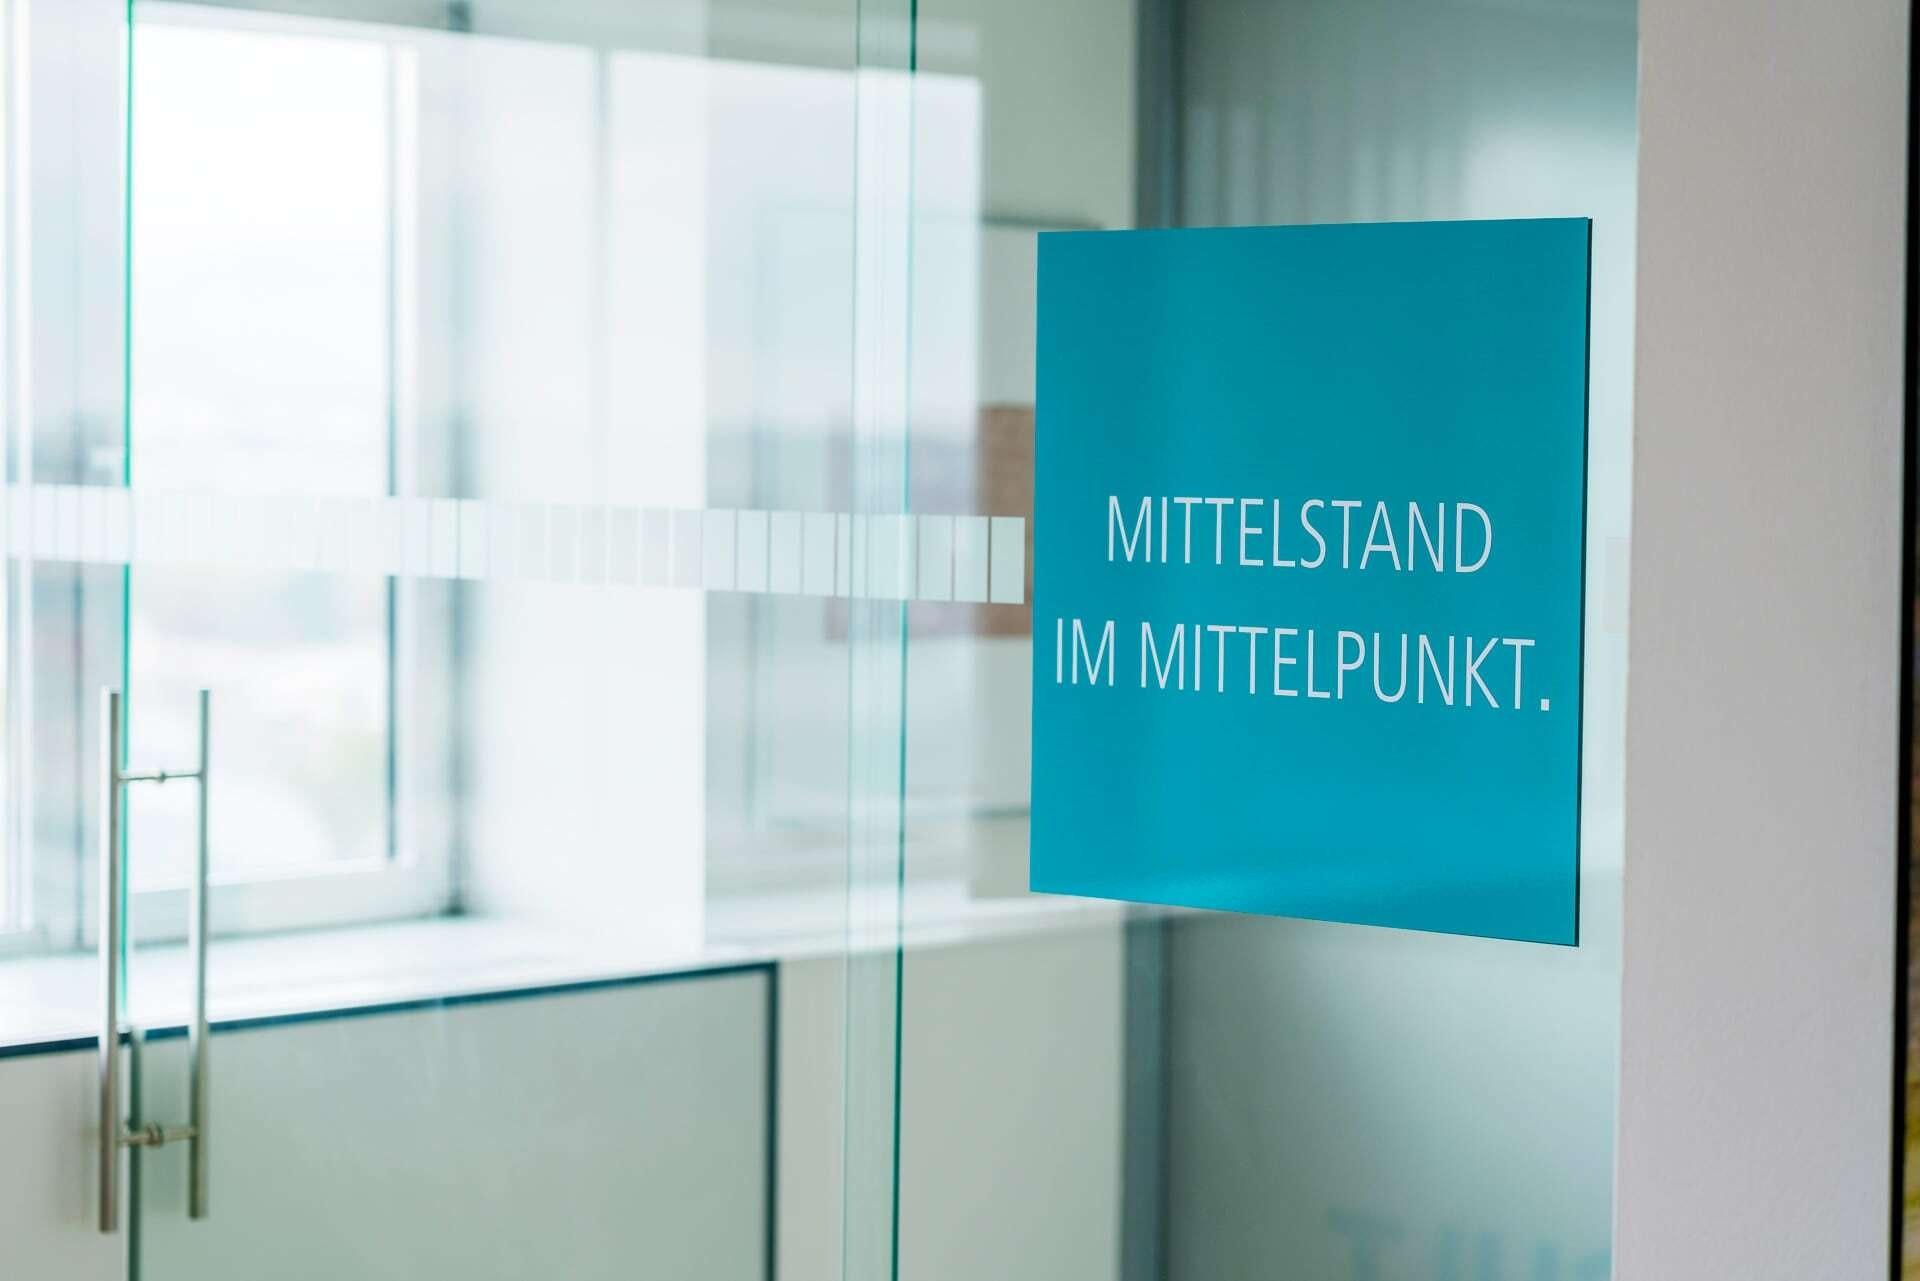 Nahaufnahme einer Glastüre mit dem Uniconsult Slogan Mittelstand im Mittelpunkt